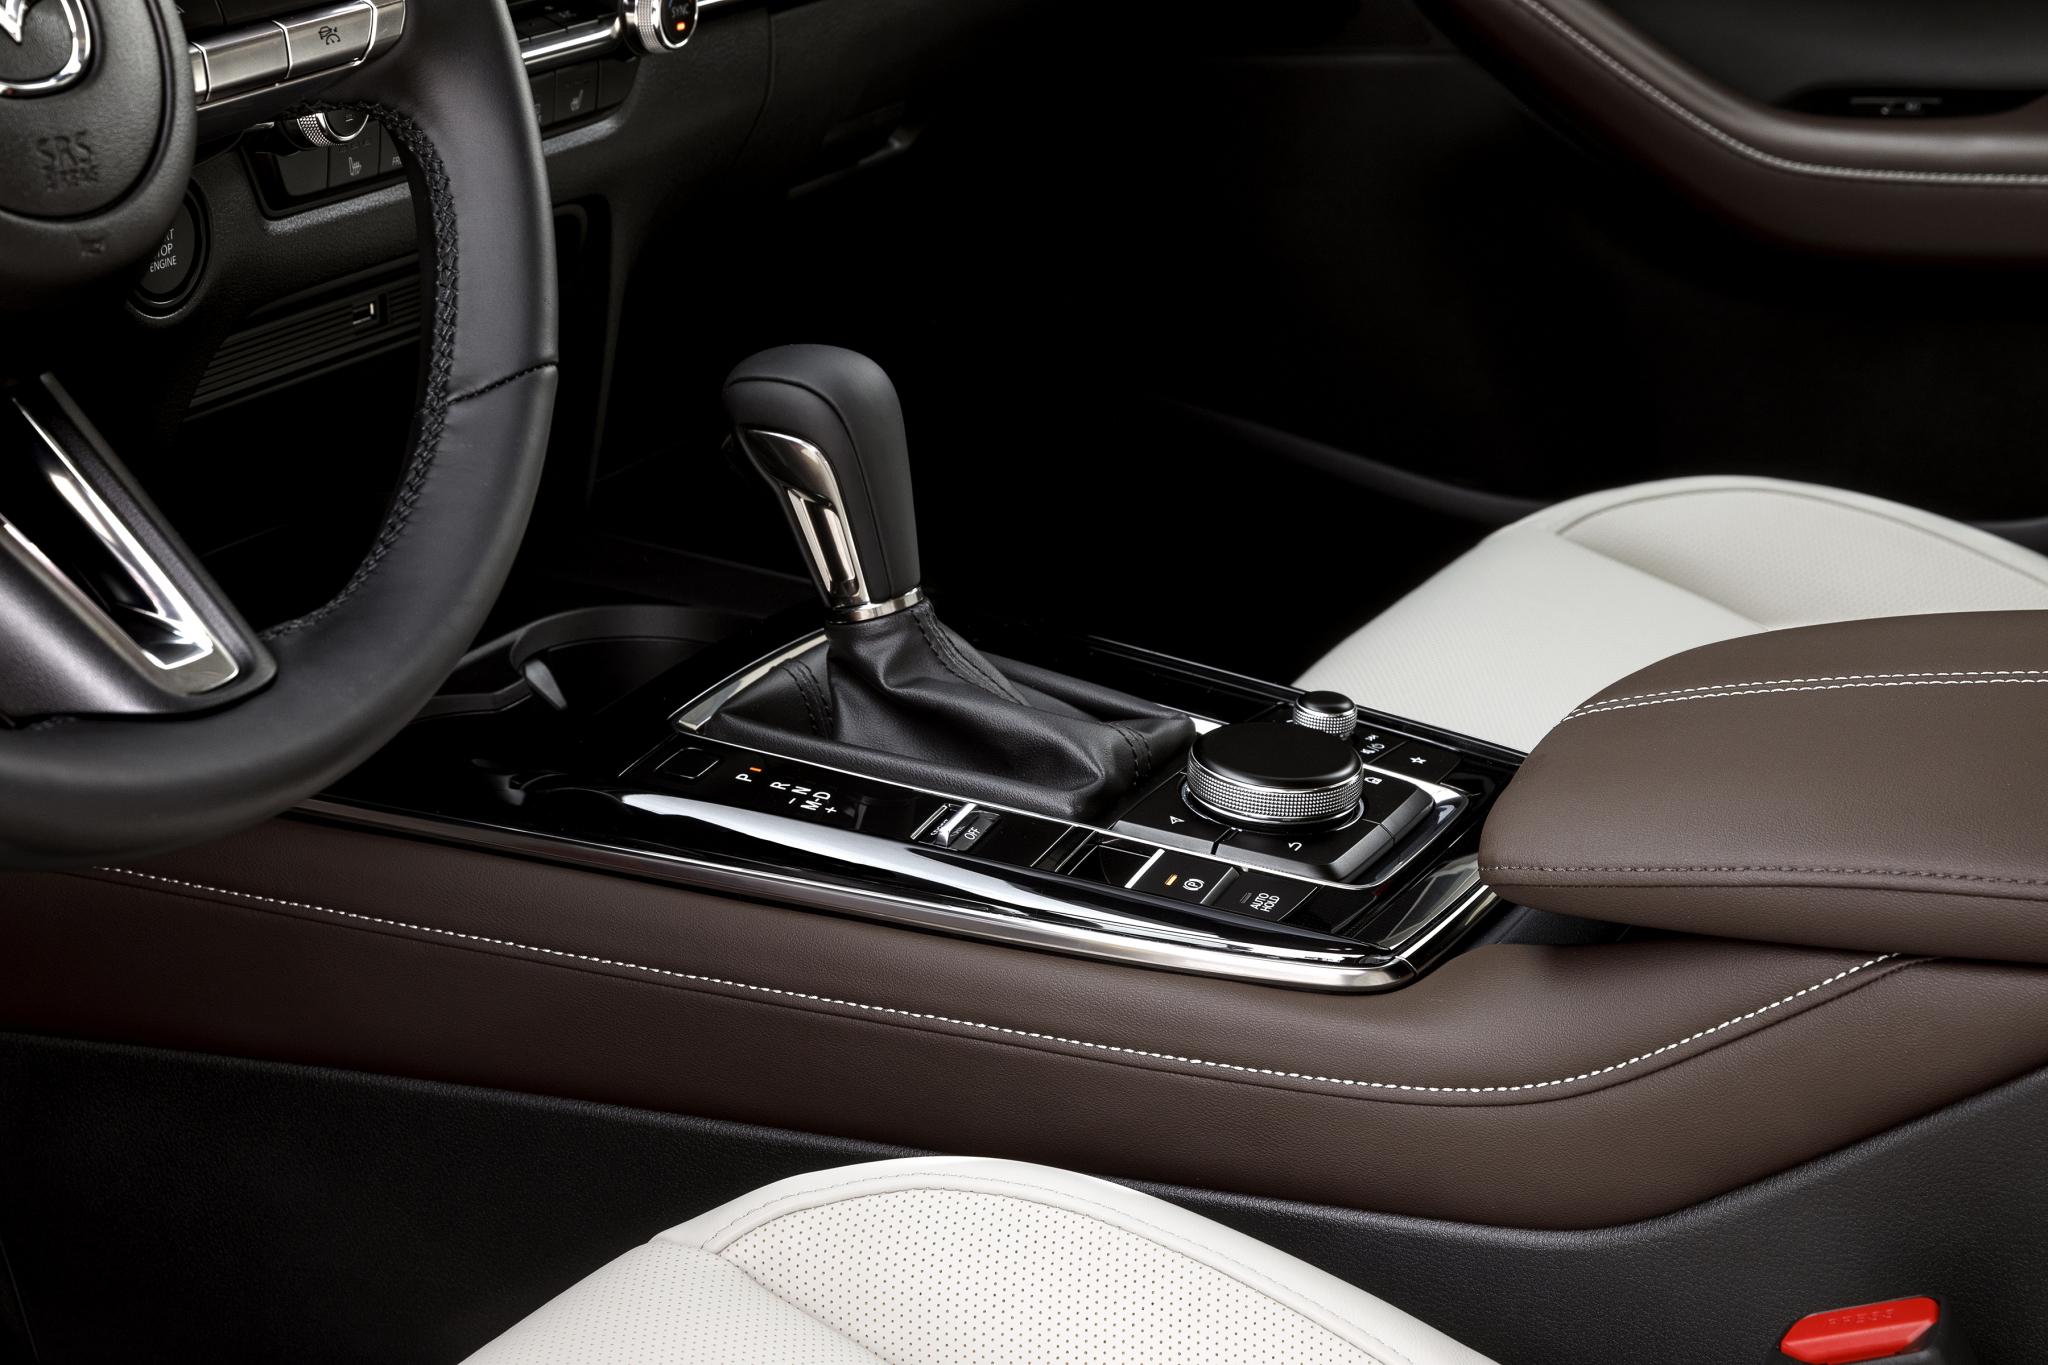 2020_Mazda_CX-30_Interior_25